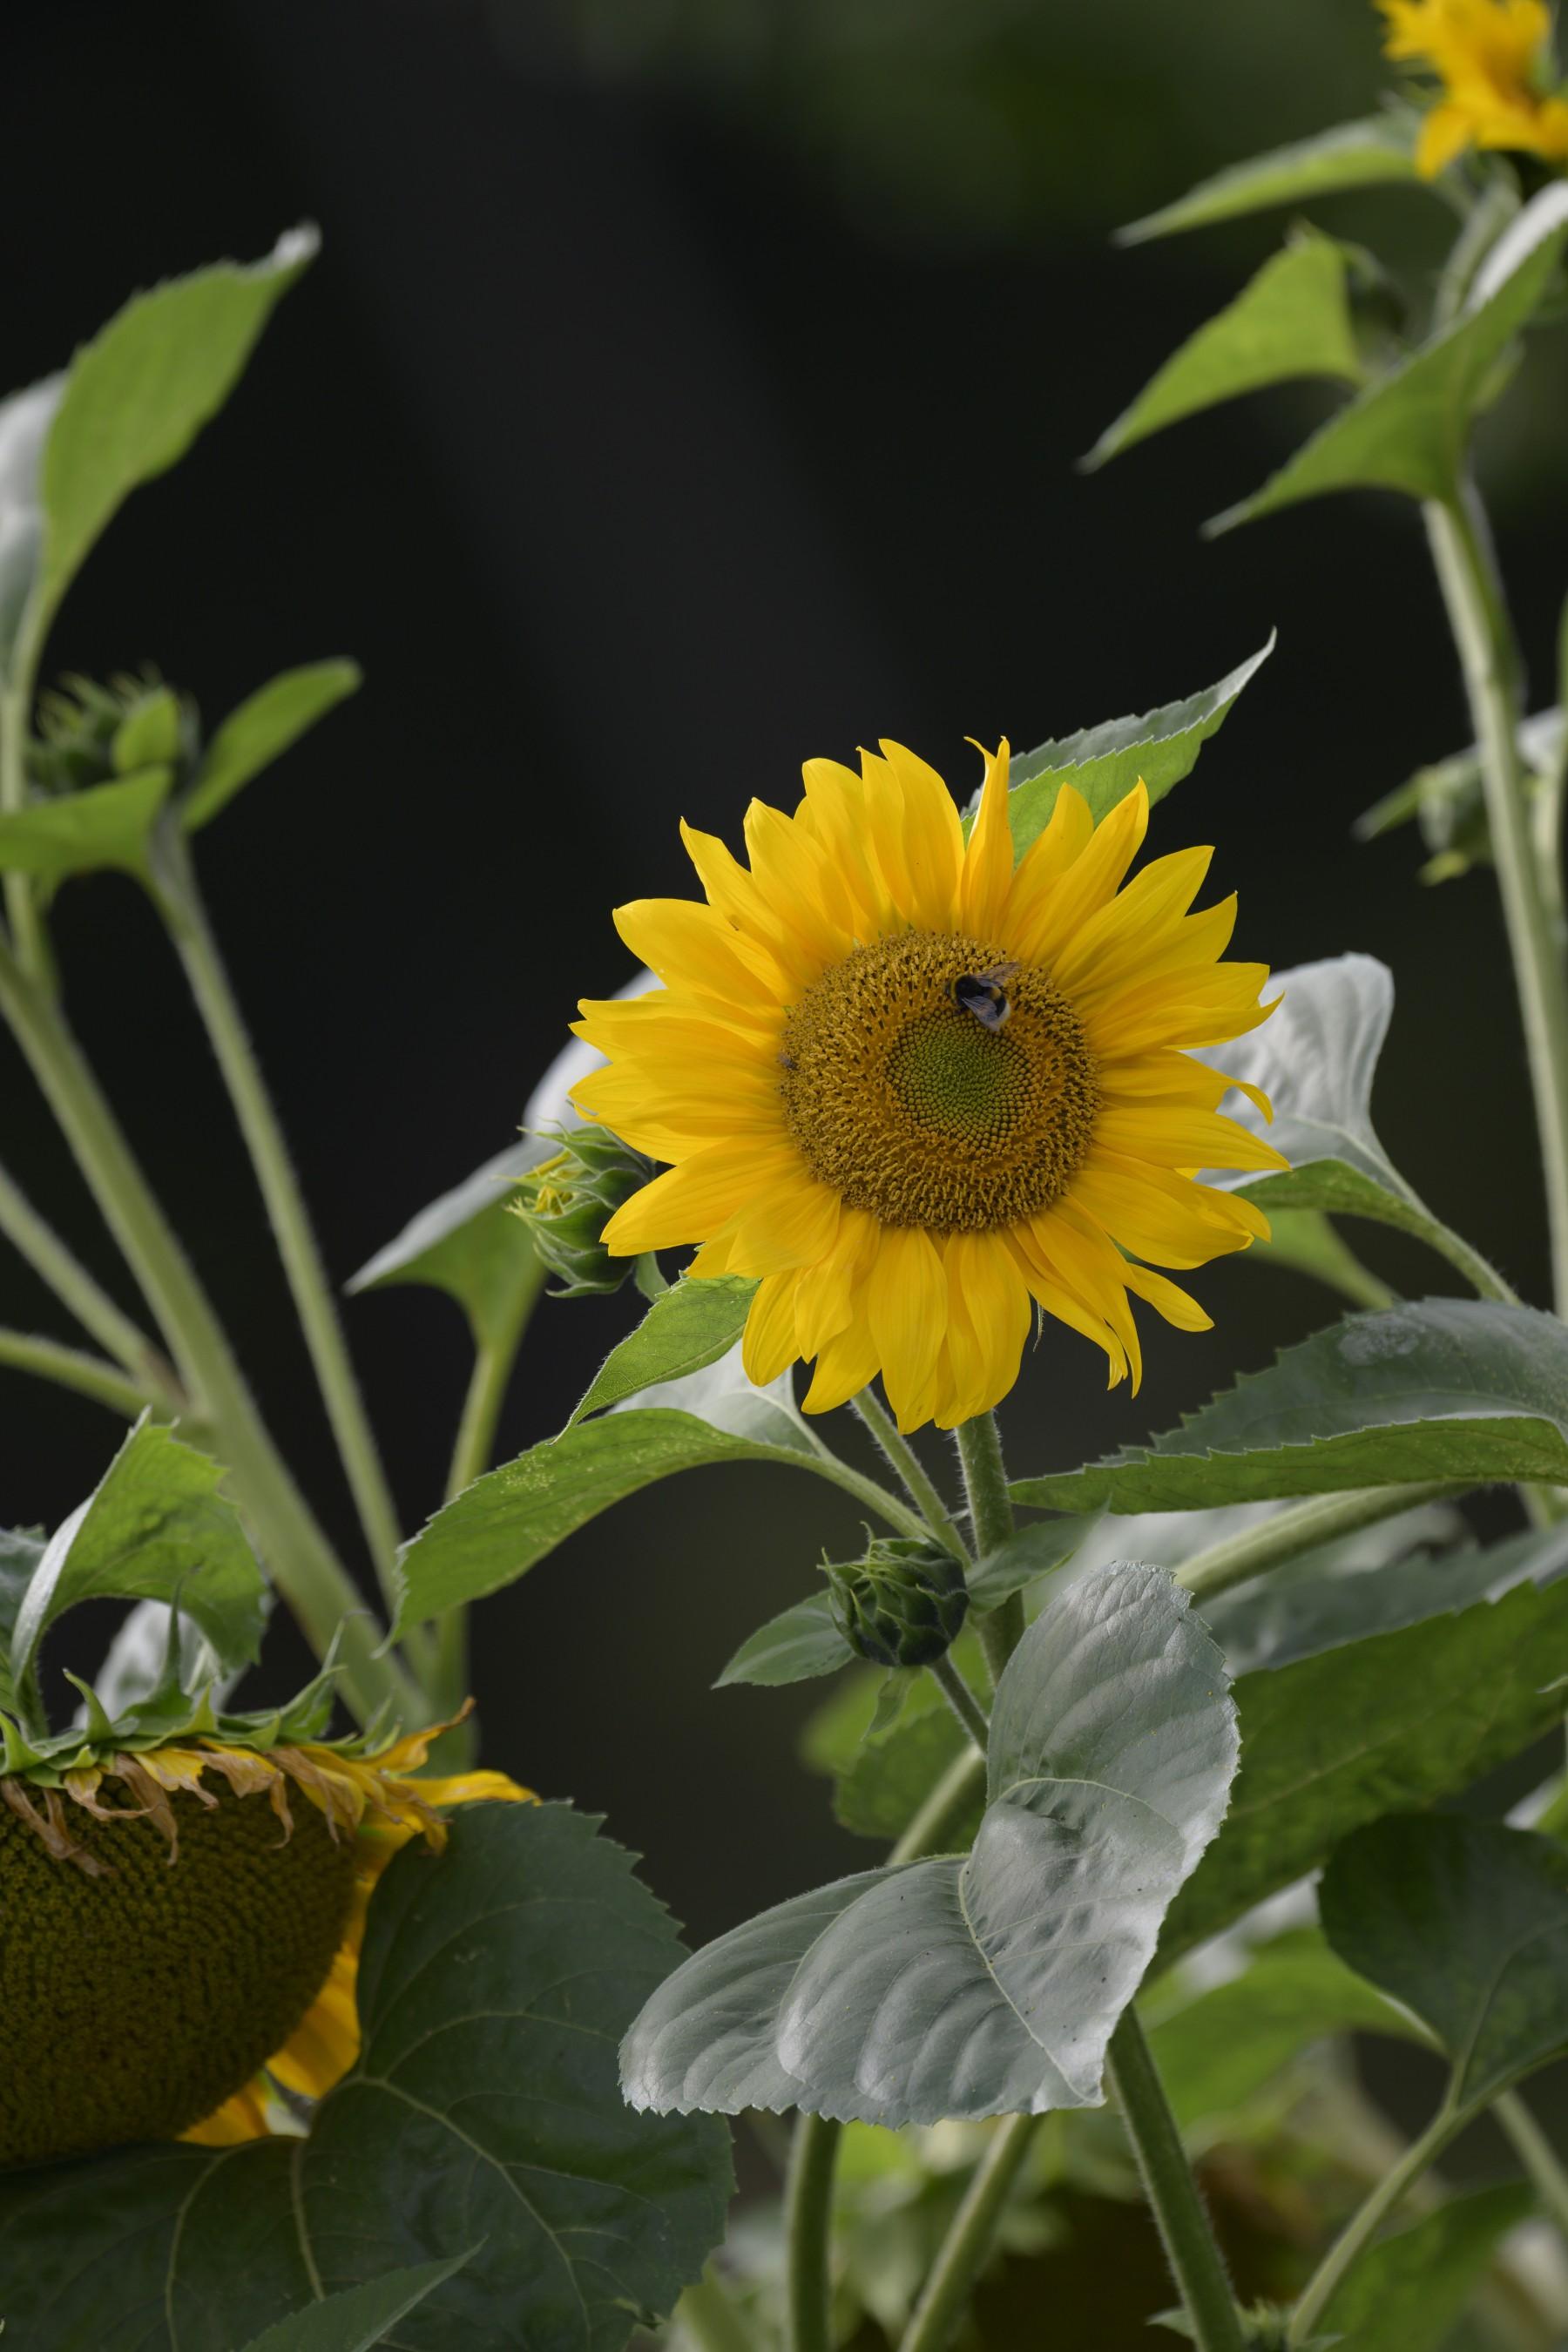 Anwendungsbild: Sonnenblumen in 66% der Größe und volles Feld der Nikon Z7